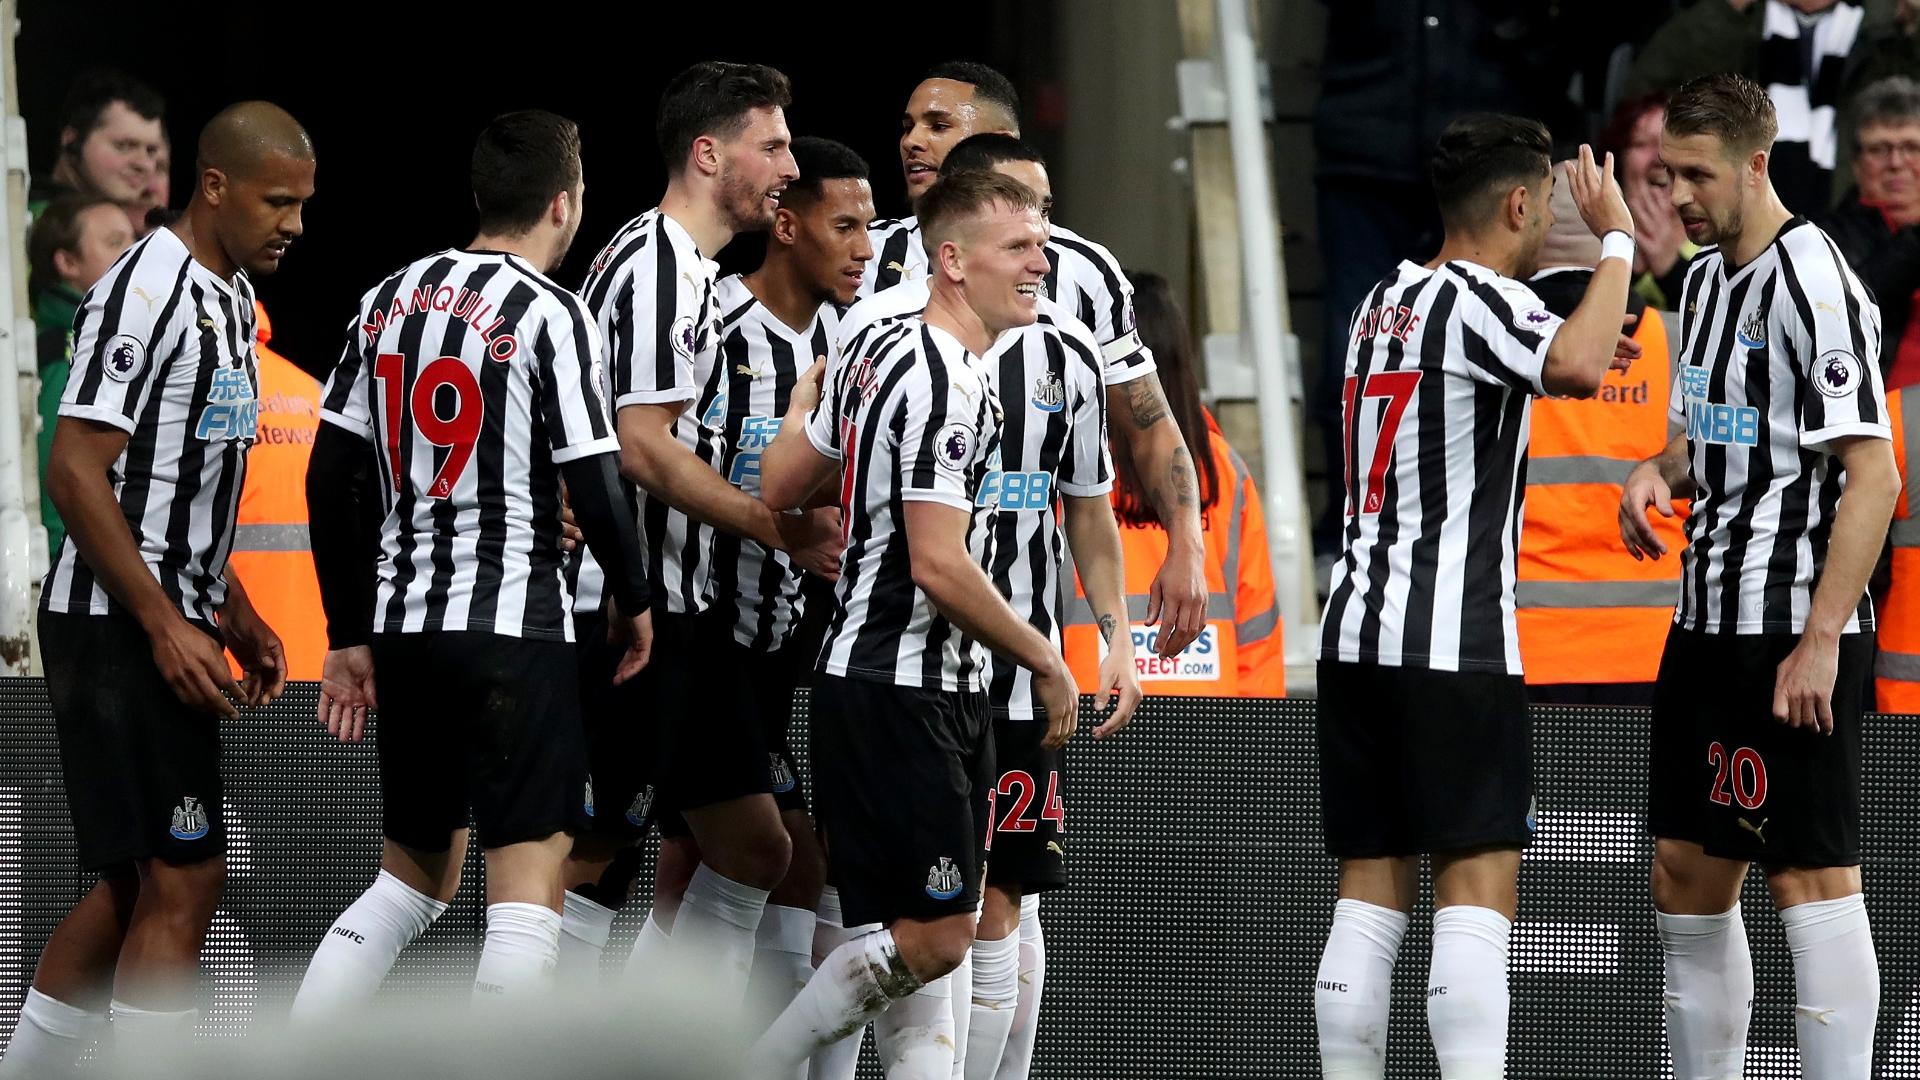 Newcastle celebrate vs Burnley